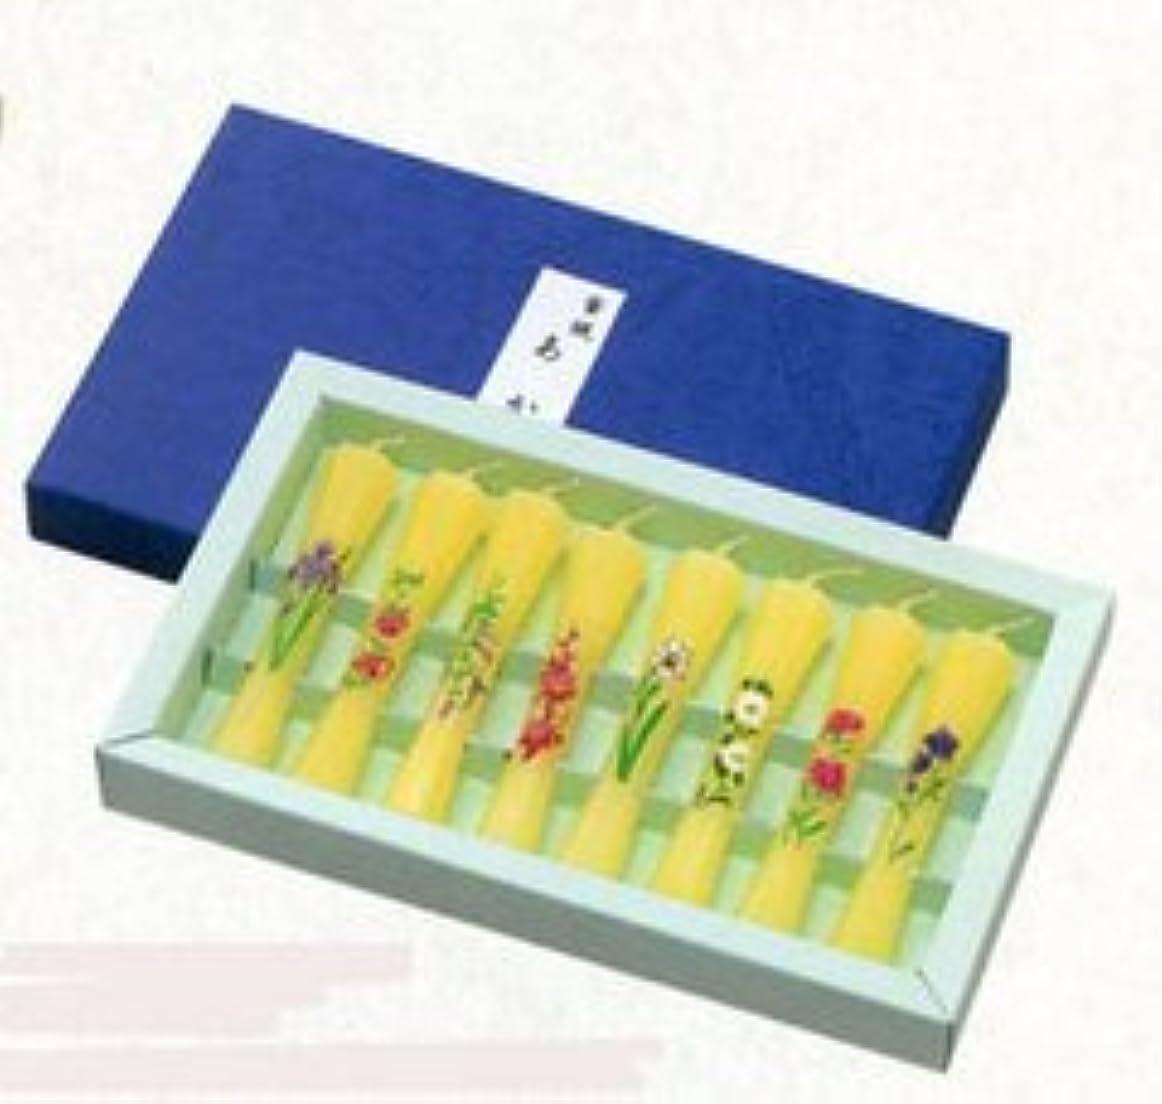 残高タック火鮮やかな花の絵ローソク8本 蜜蝋(みつろー) 茜 絵ローソク